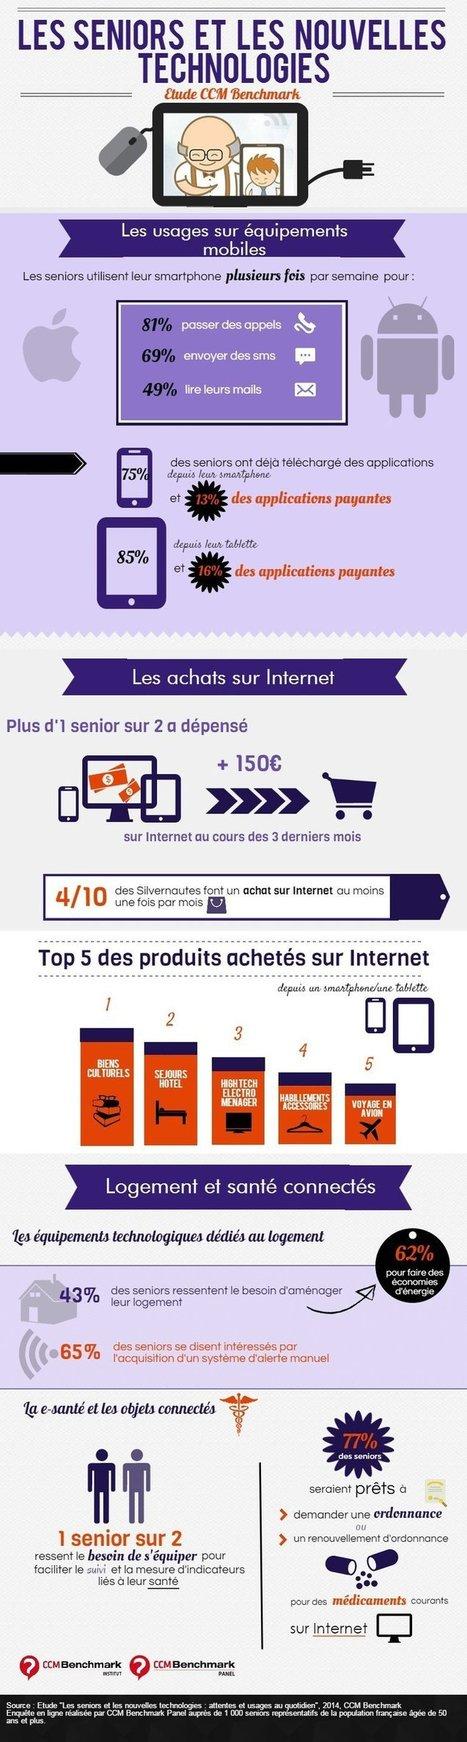 Infographie : les séniors et les nouvelles technologies | Entreprise et Stratégie Digitale | Scoop.it